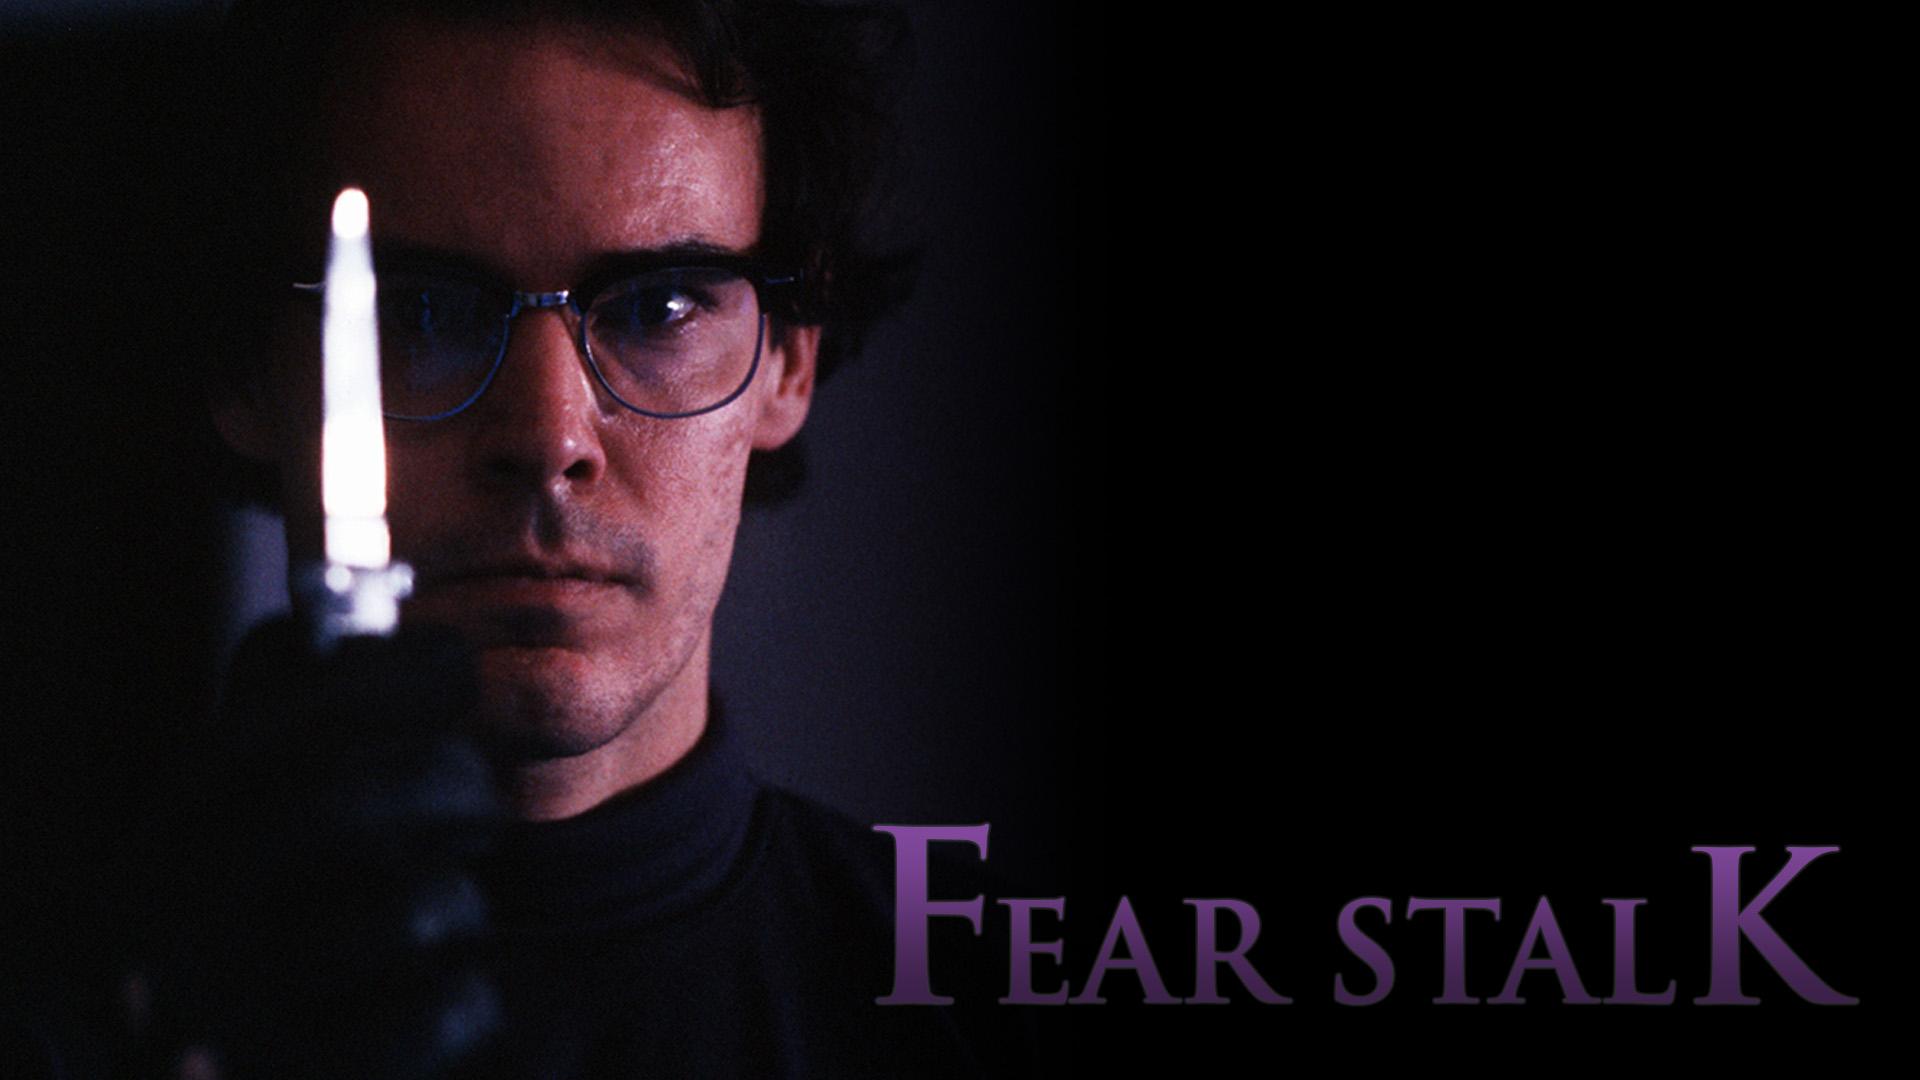 Fear Stalk